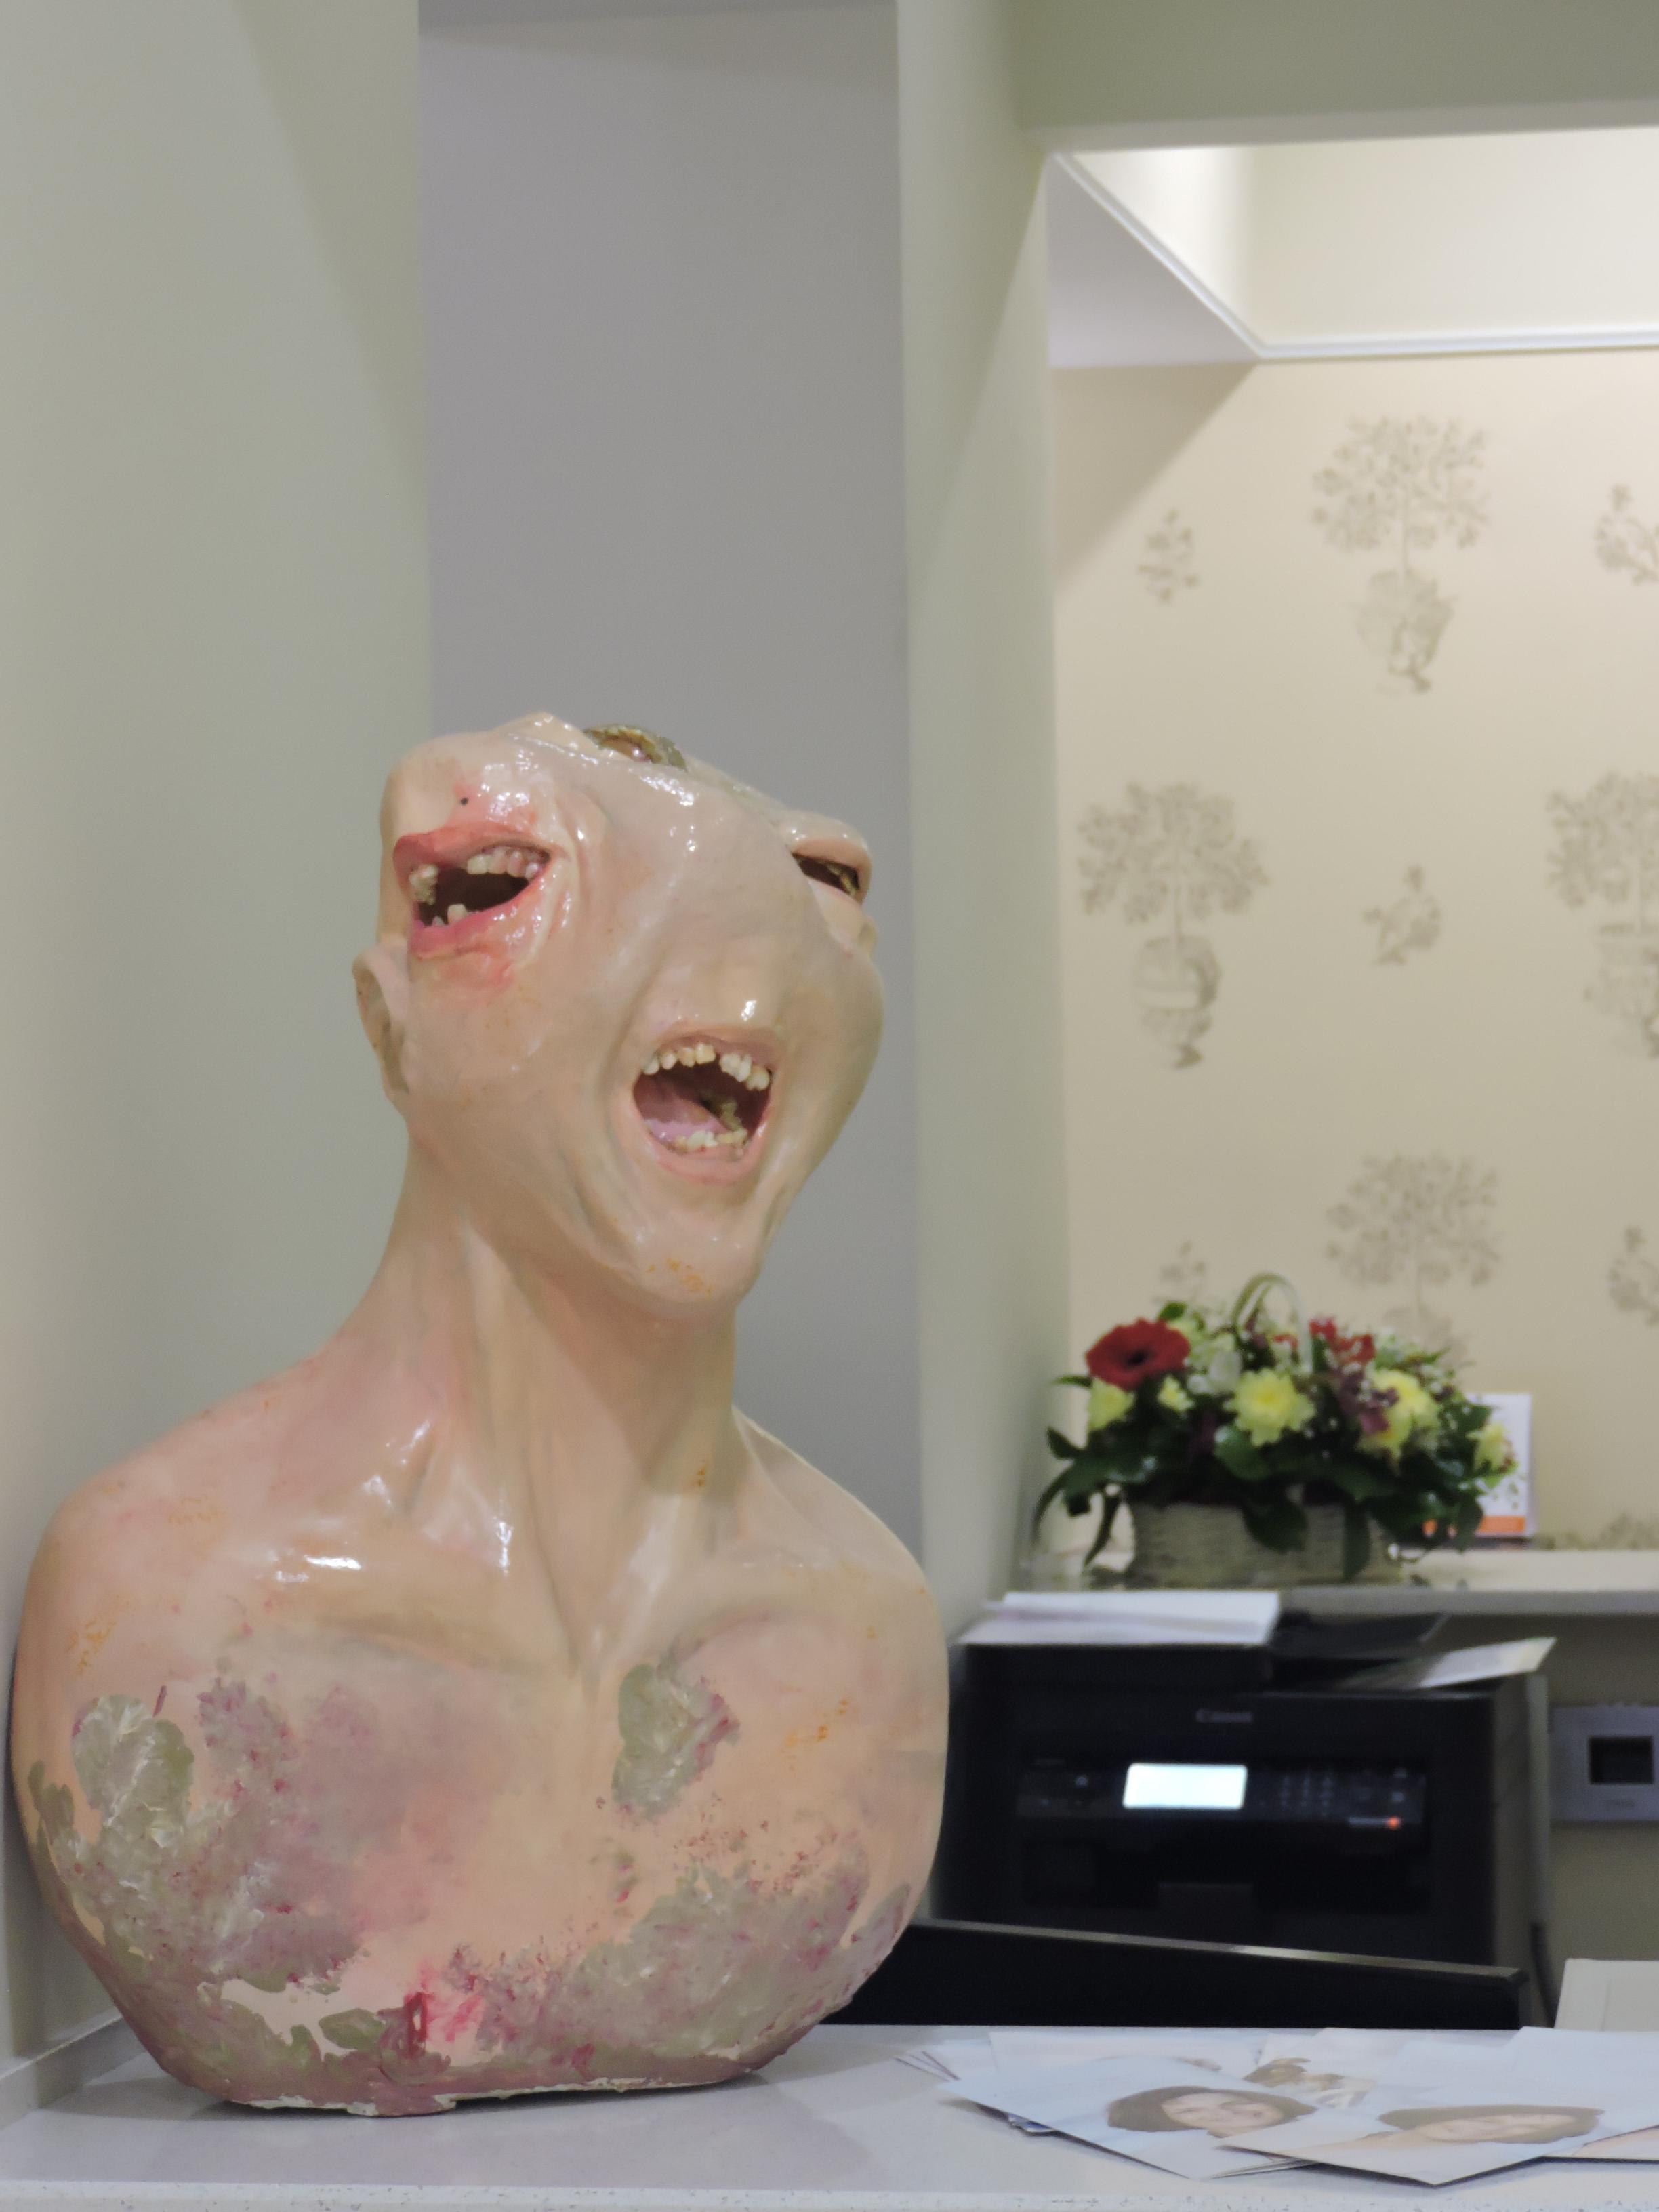 В Петербурге создали памятник зубной боли